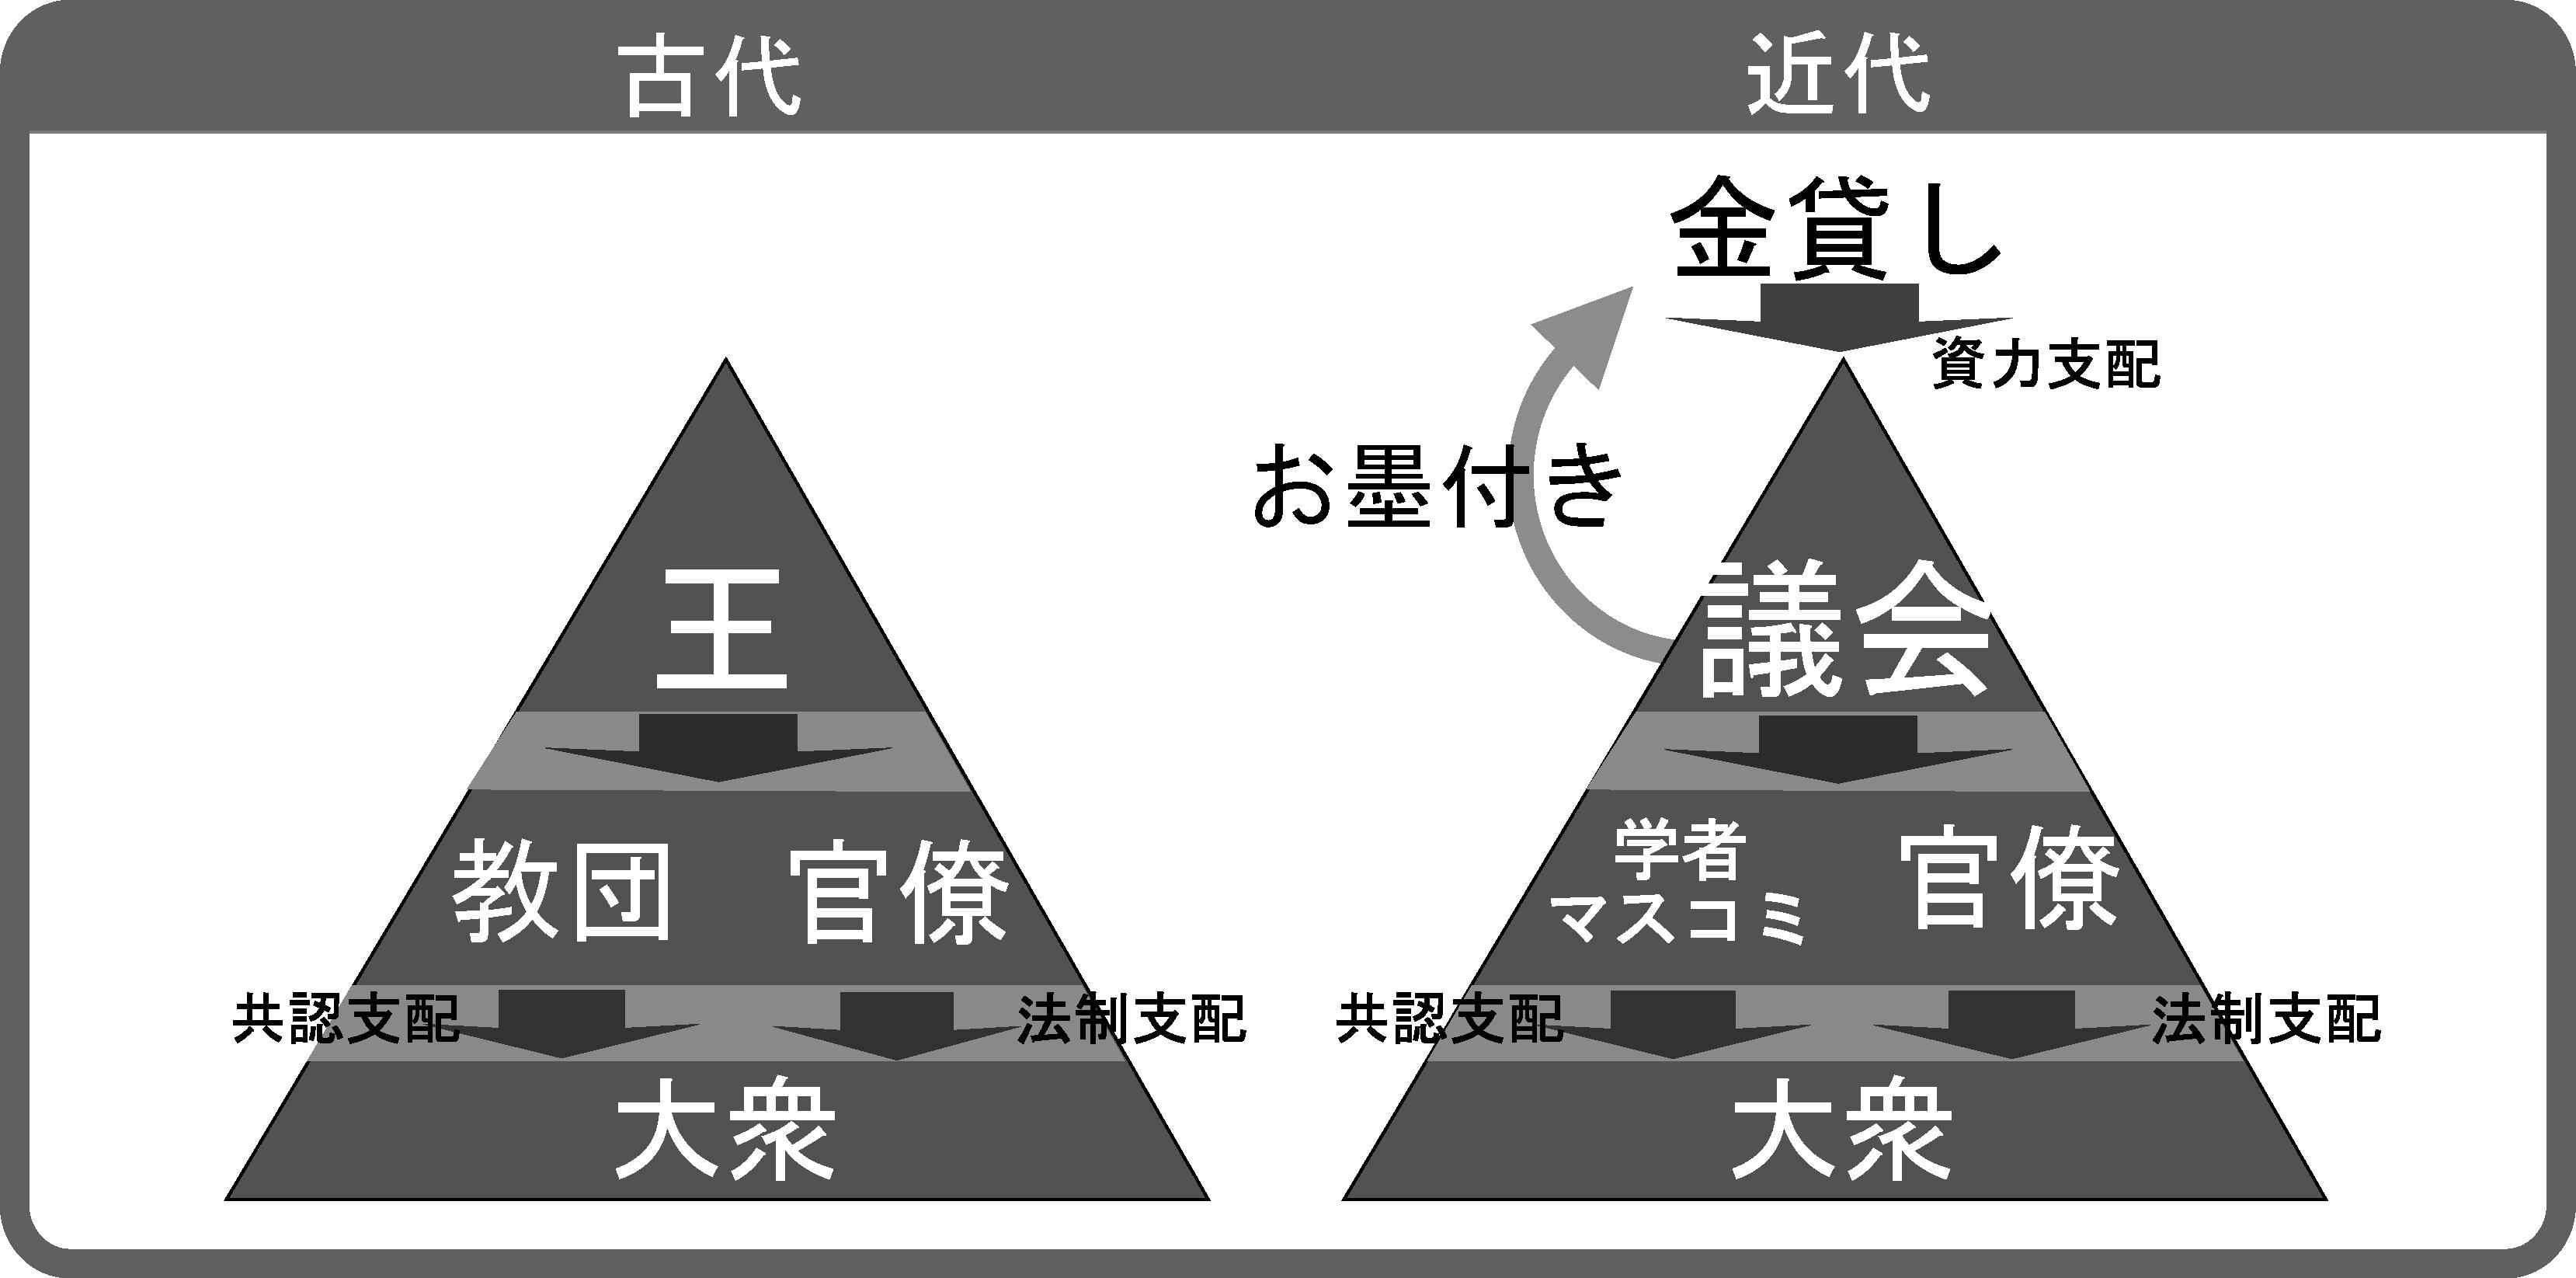 2ピラミッド